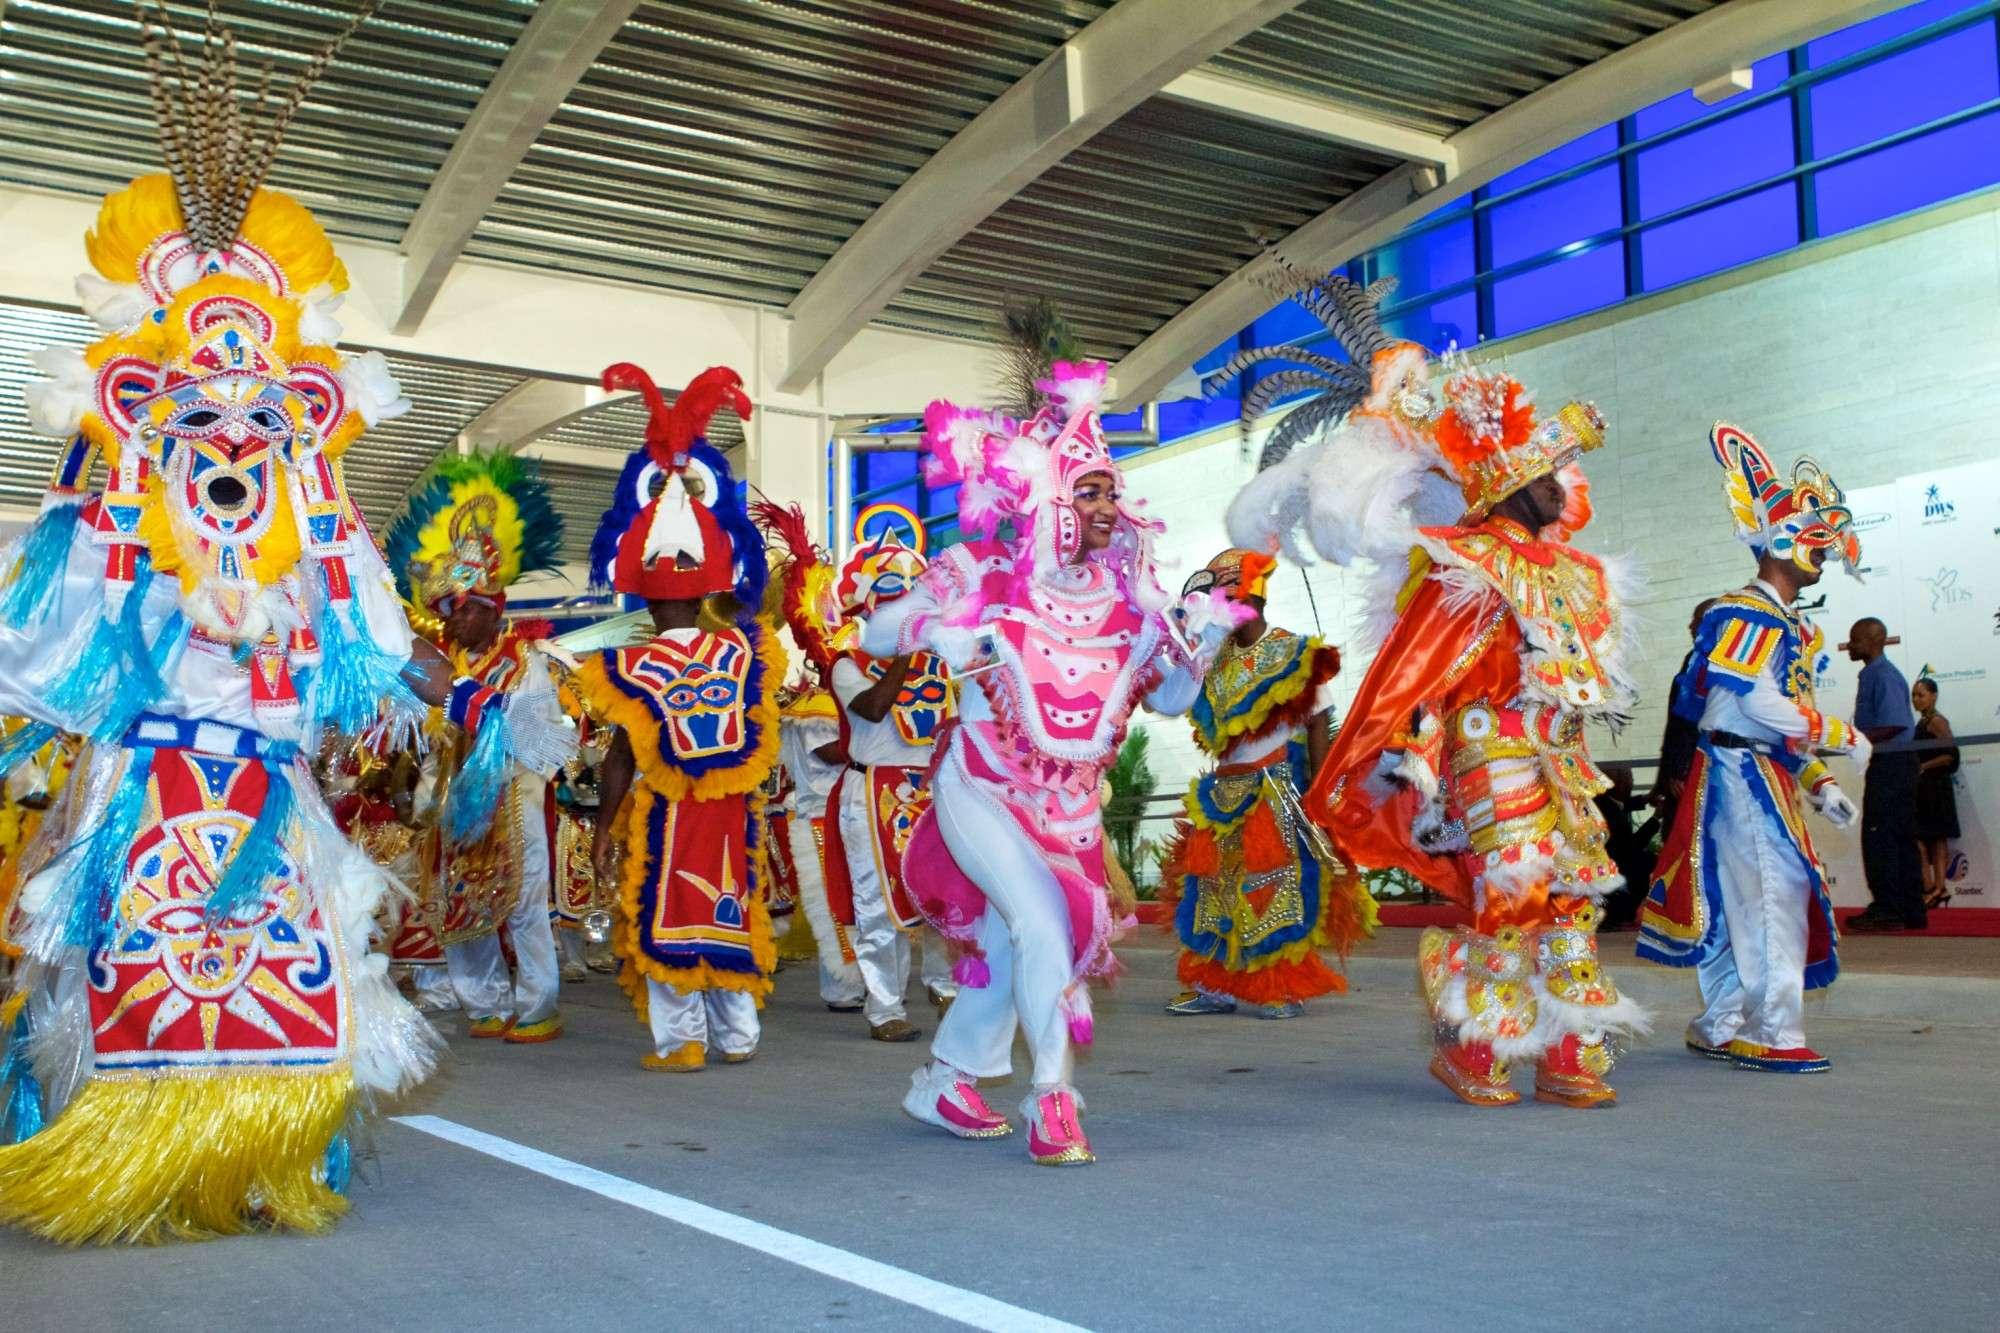 Nassau Airport Bahamas Cultural